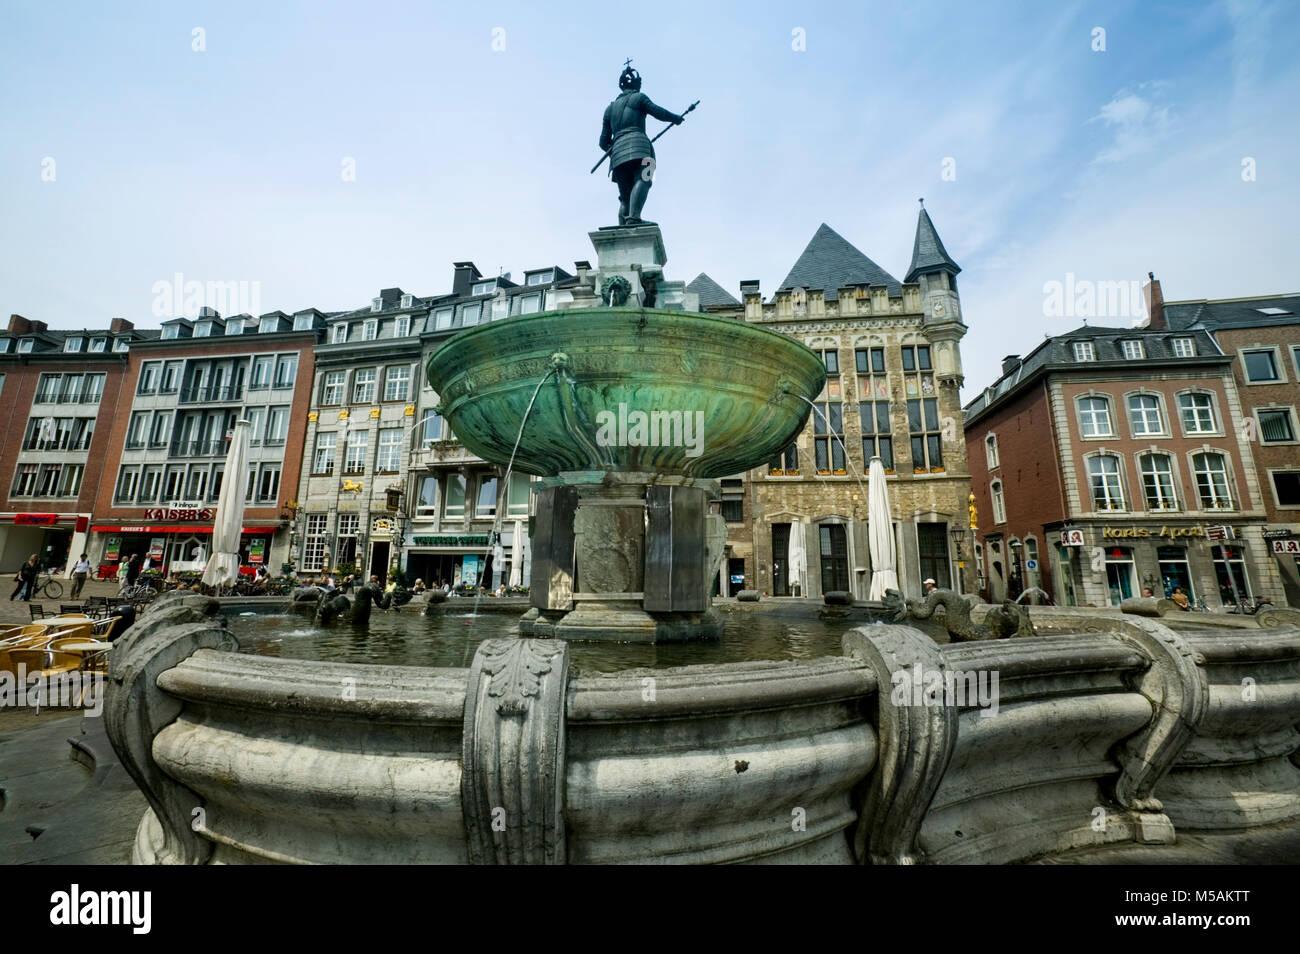 Karl der Große Brunnen, Aachen oder Aix-la-Chapelle, Nordrhein-Westfalen, Deutschland Stockbild